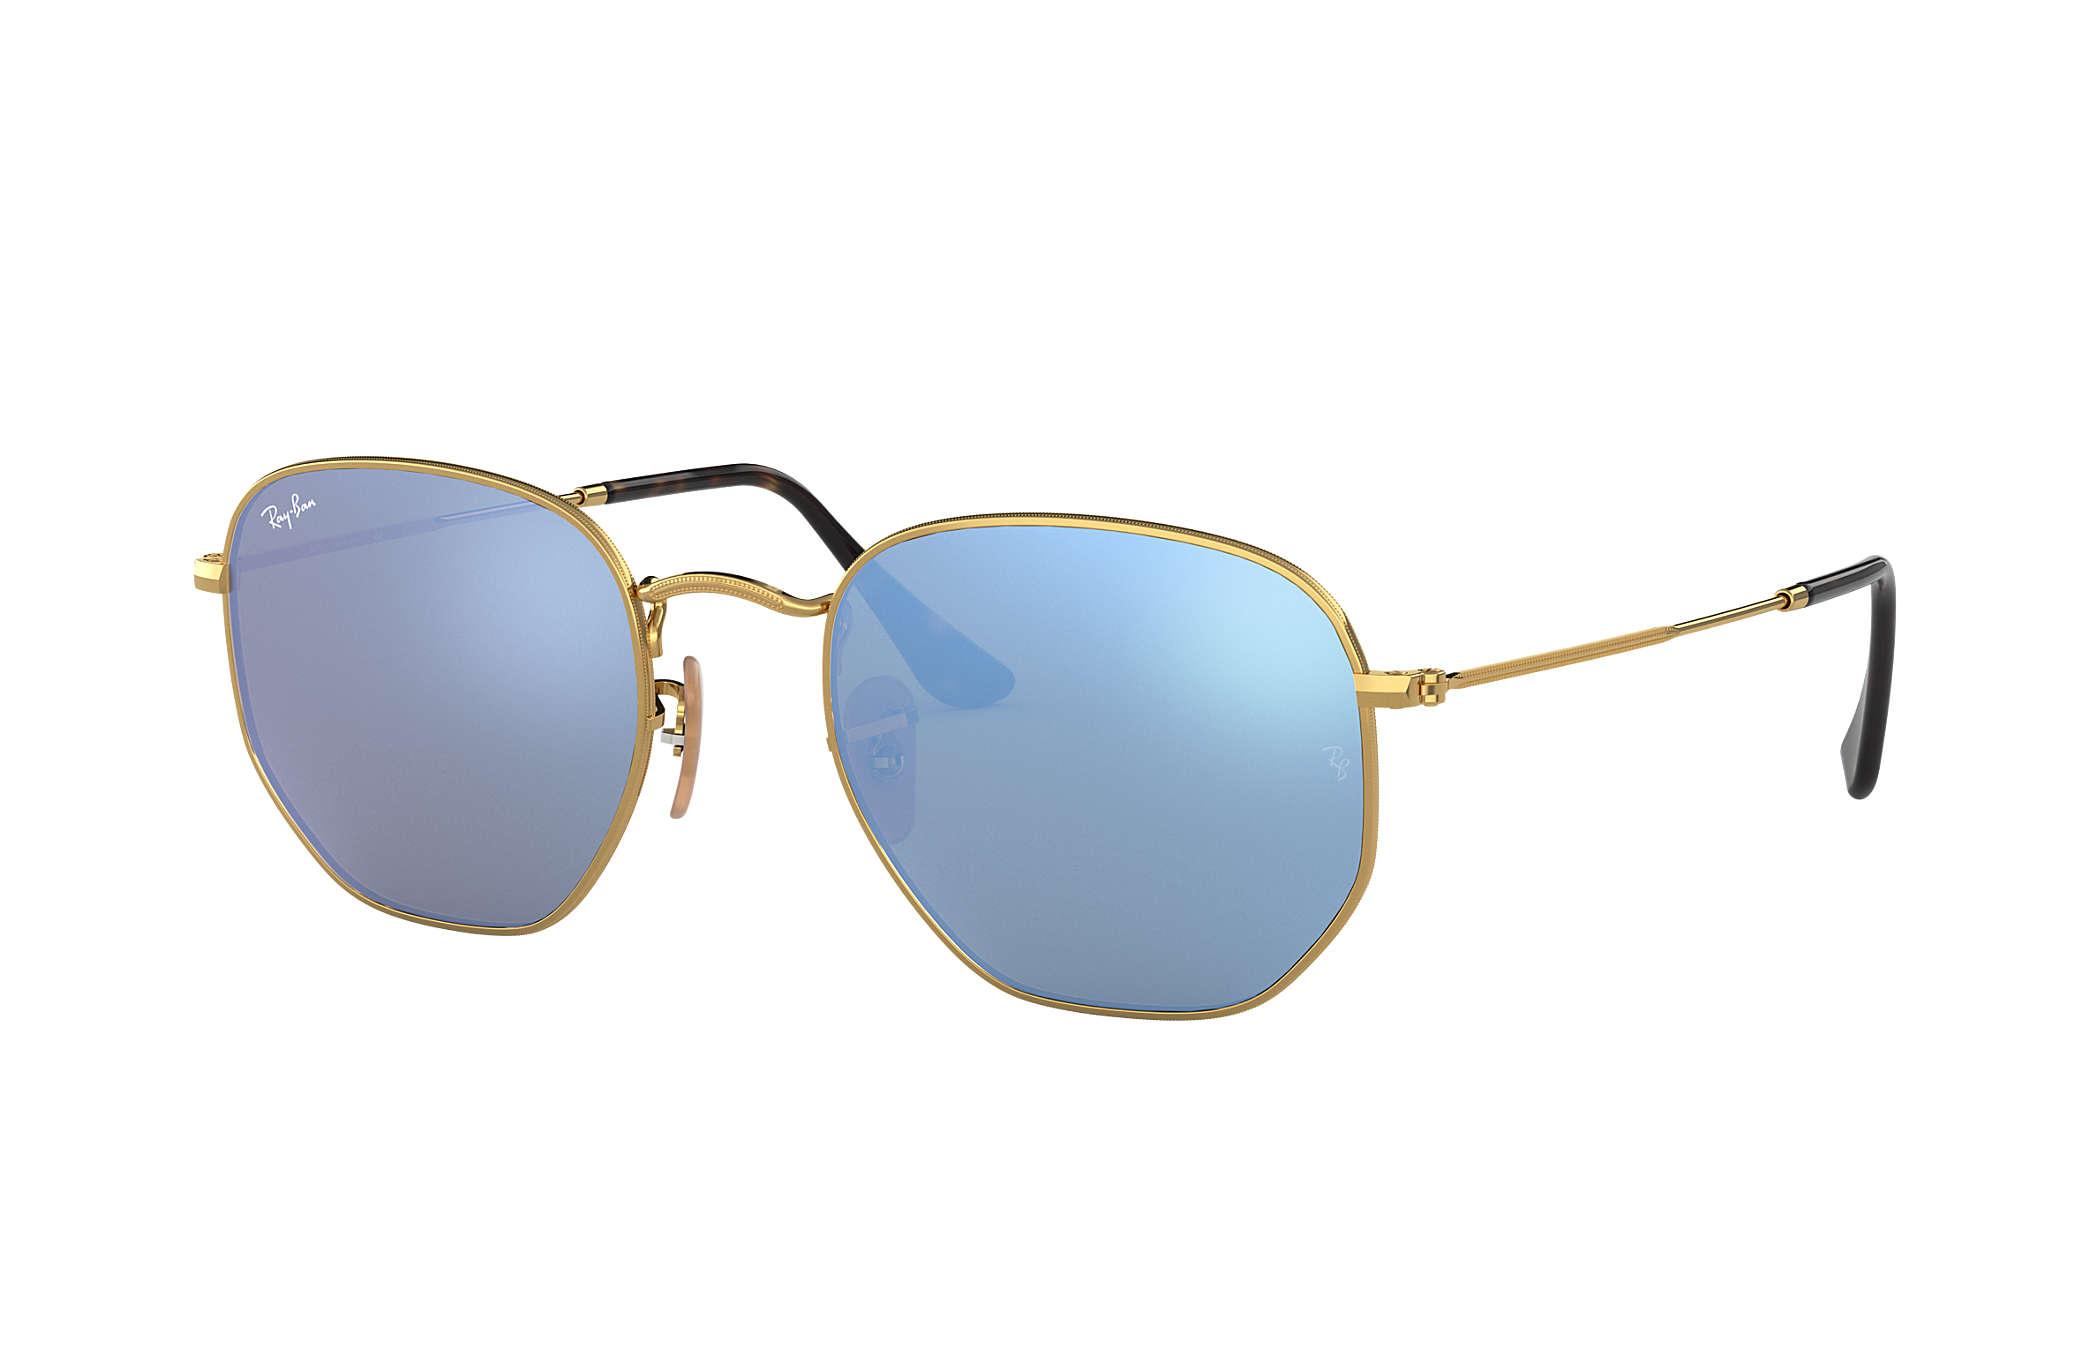 Ray-Ban Hexagonal Flat Lenses RB3548N Gold - Metal - Light Blue ... b2482232eb